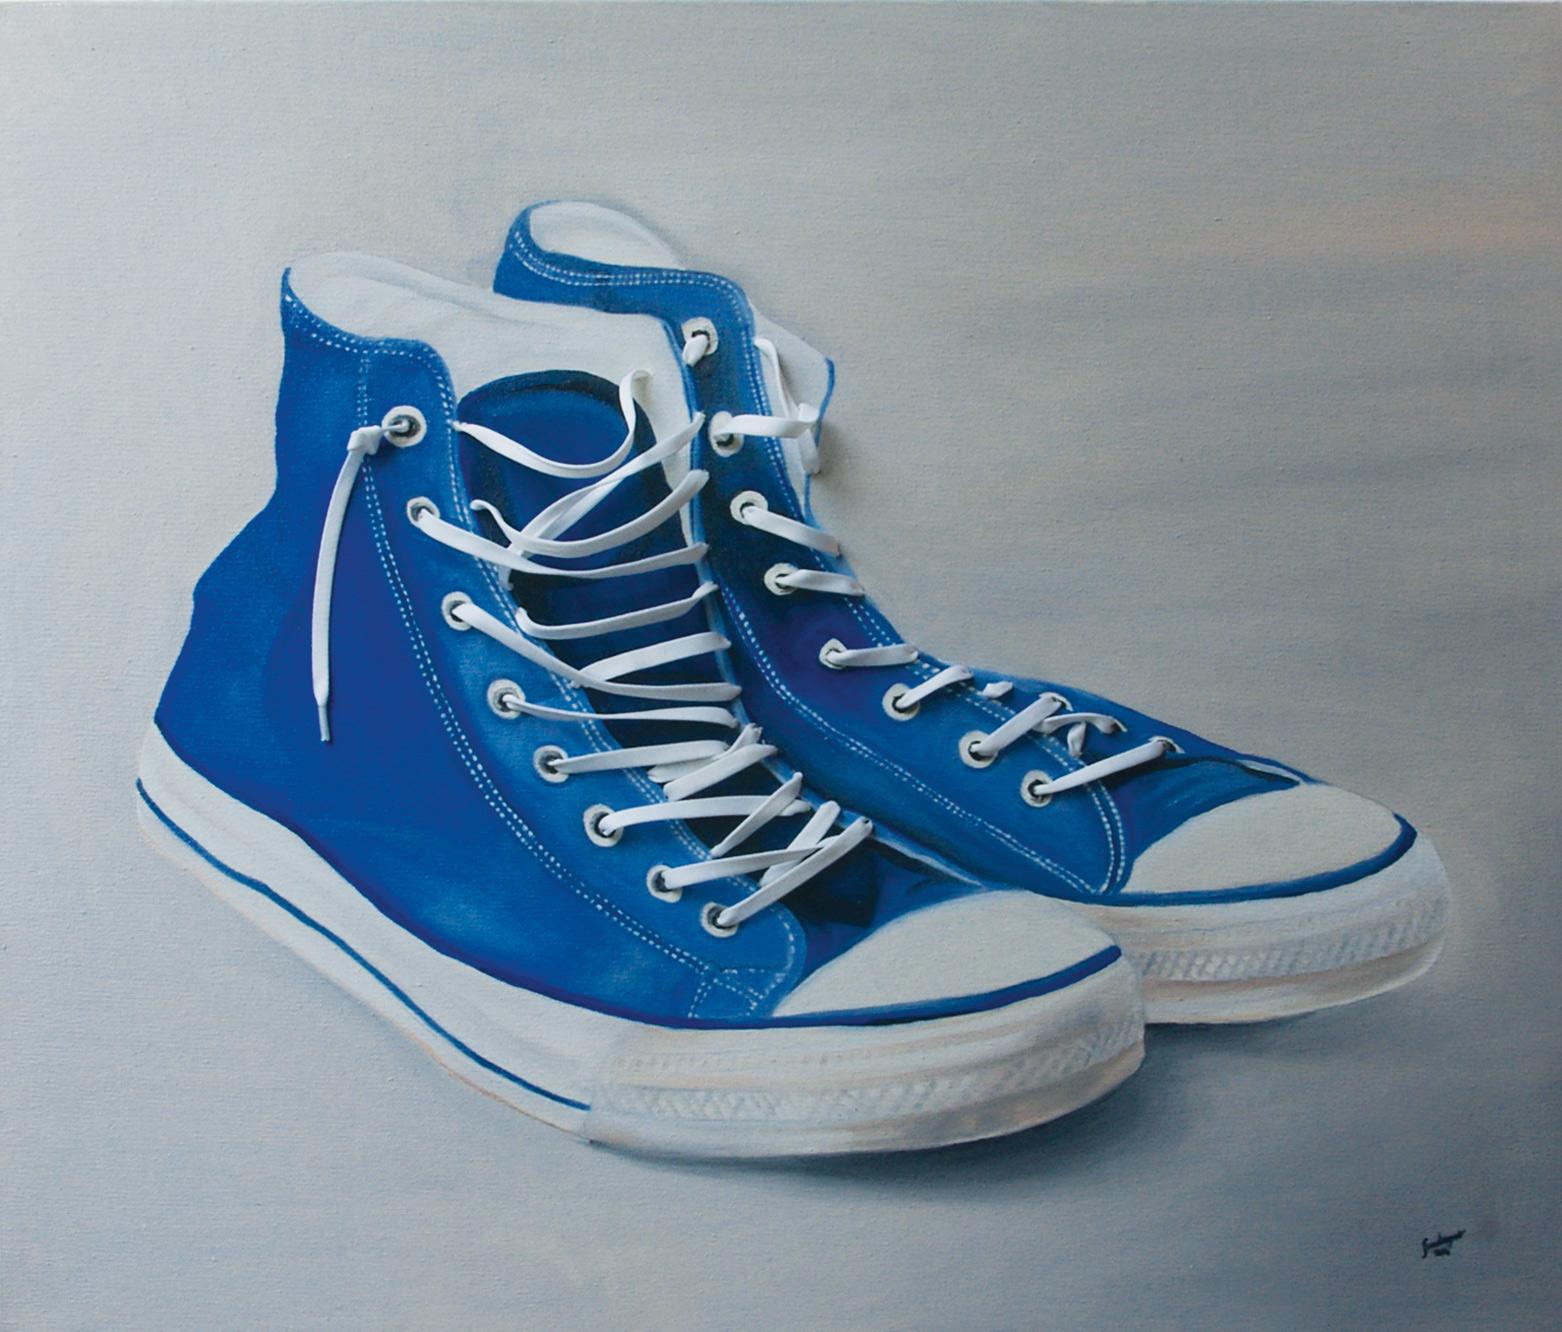 LE SCARPE / the shoes